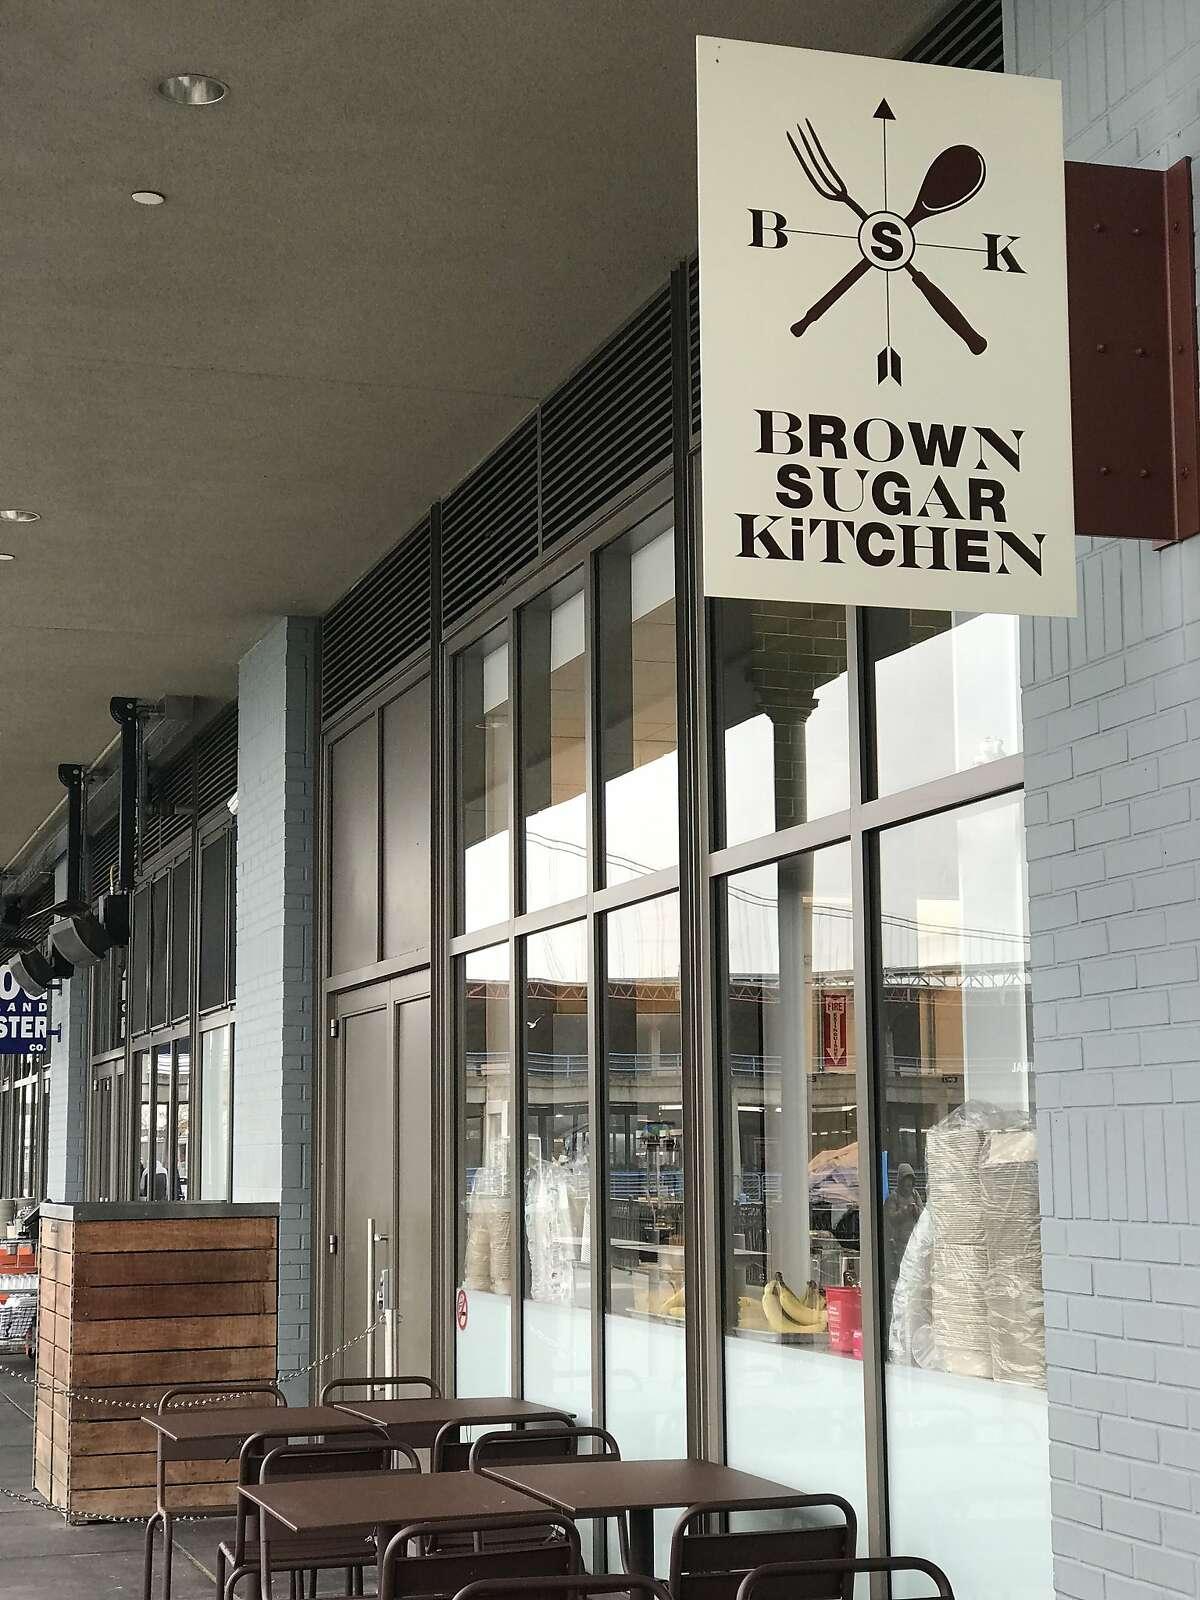 Brown Sugar Kitchen Ferry Building